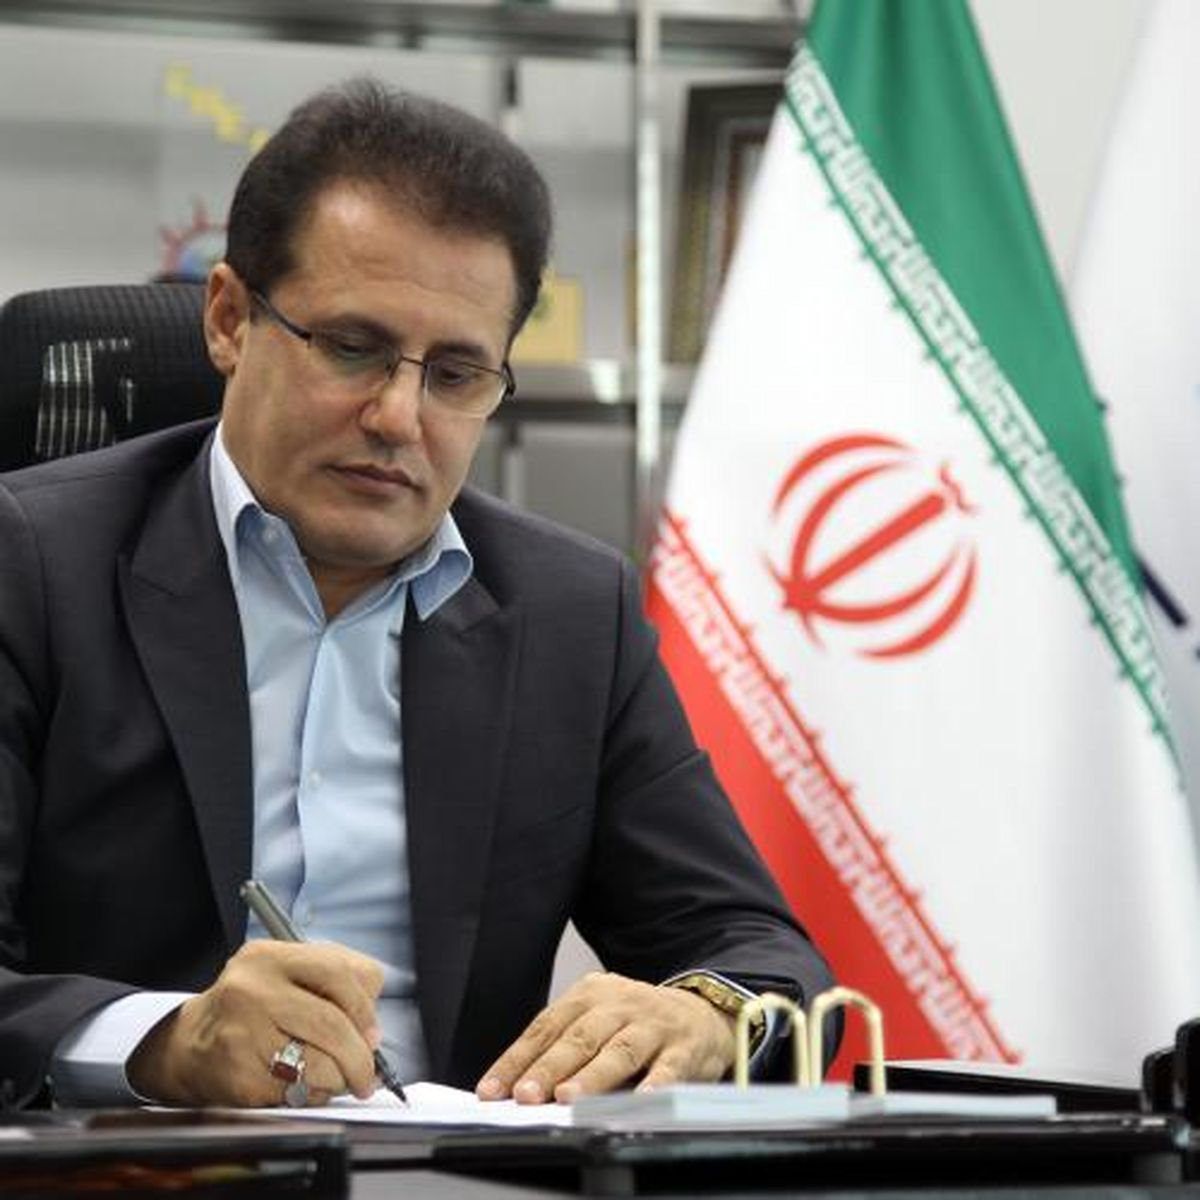 پیام تبریک مدیرعامل بیمه سینا به مناسبت عید سعید غدیرخم